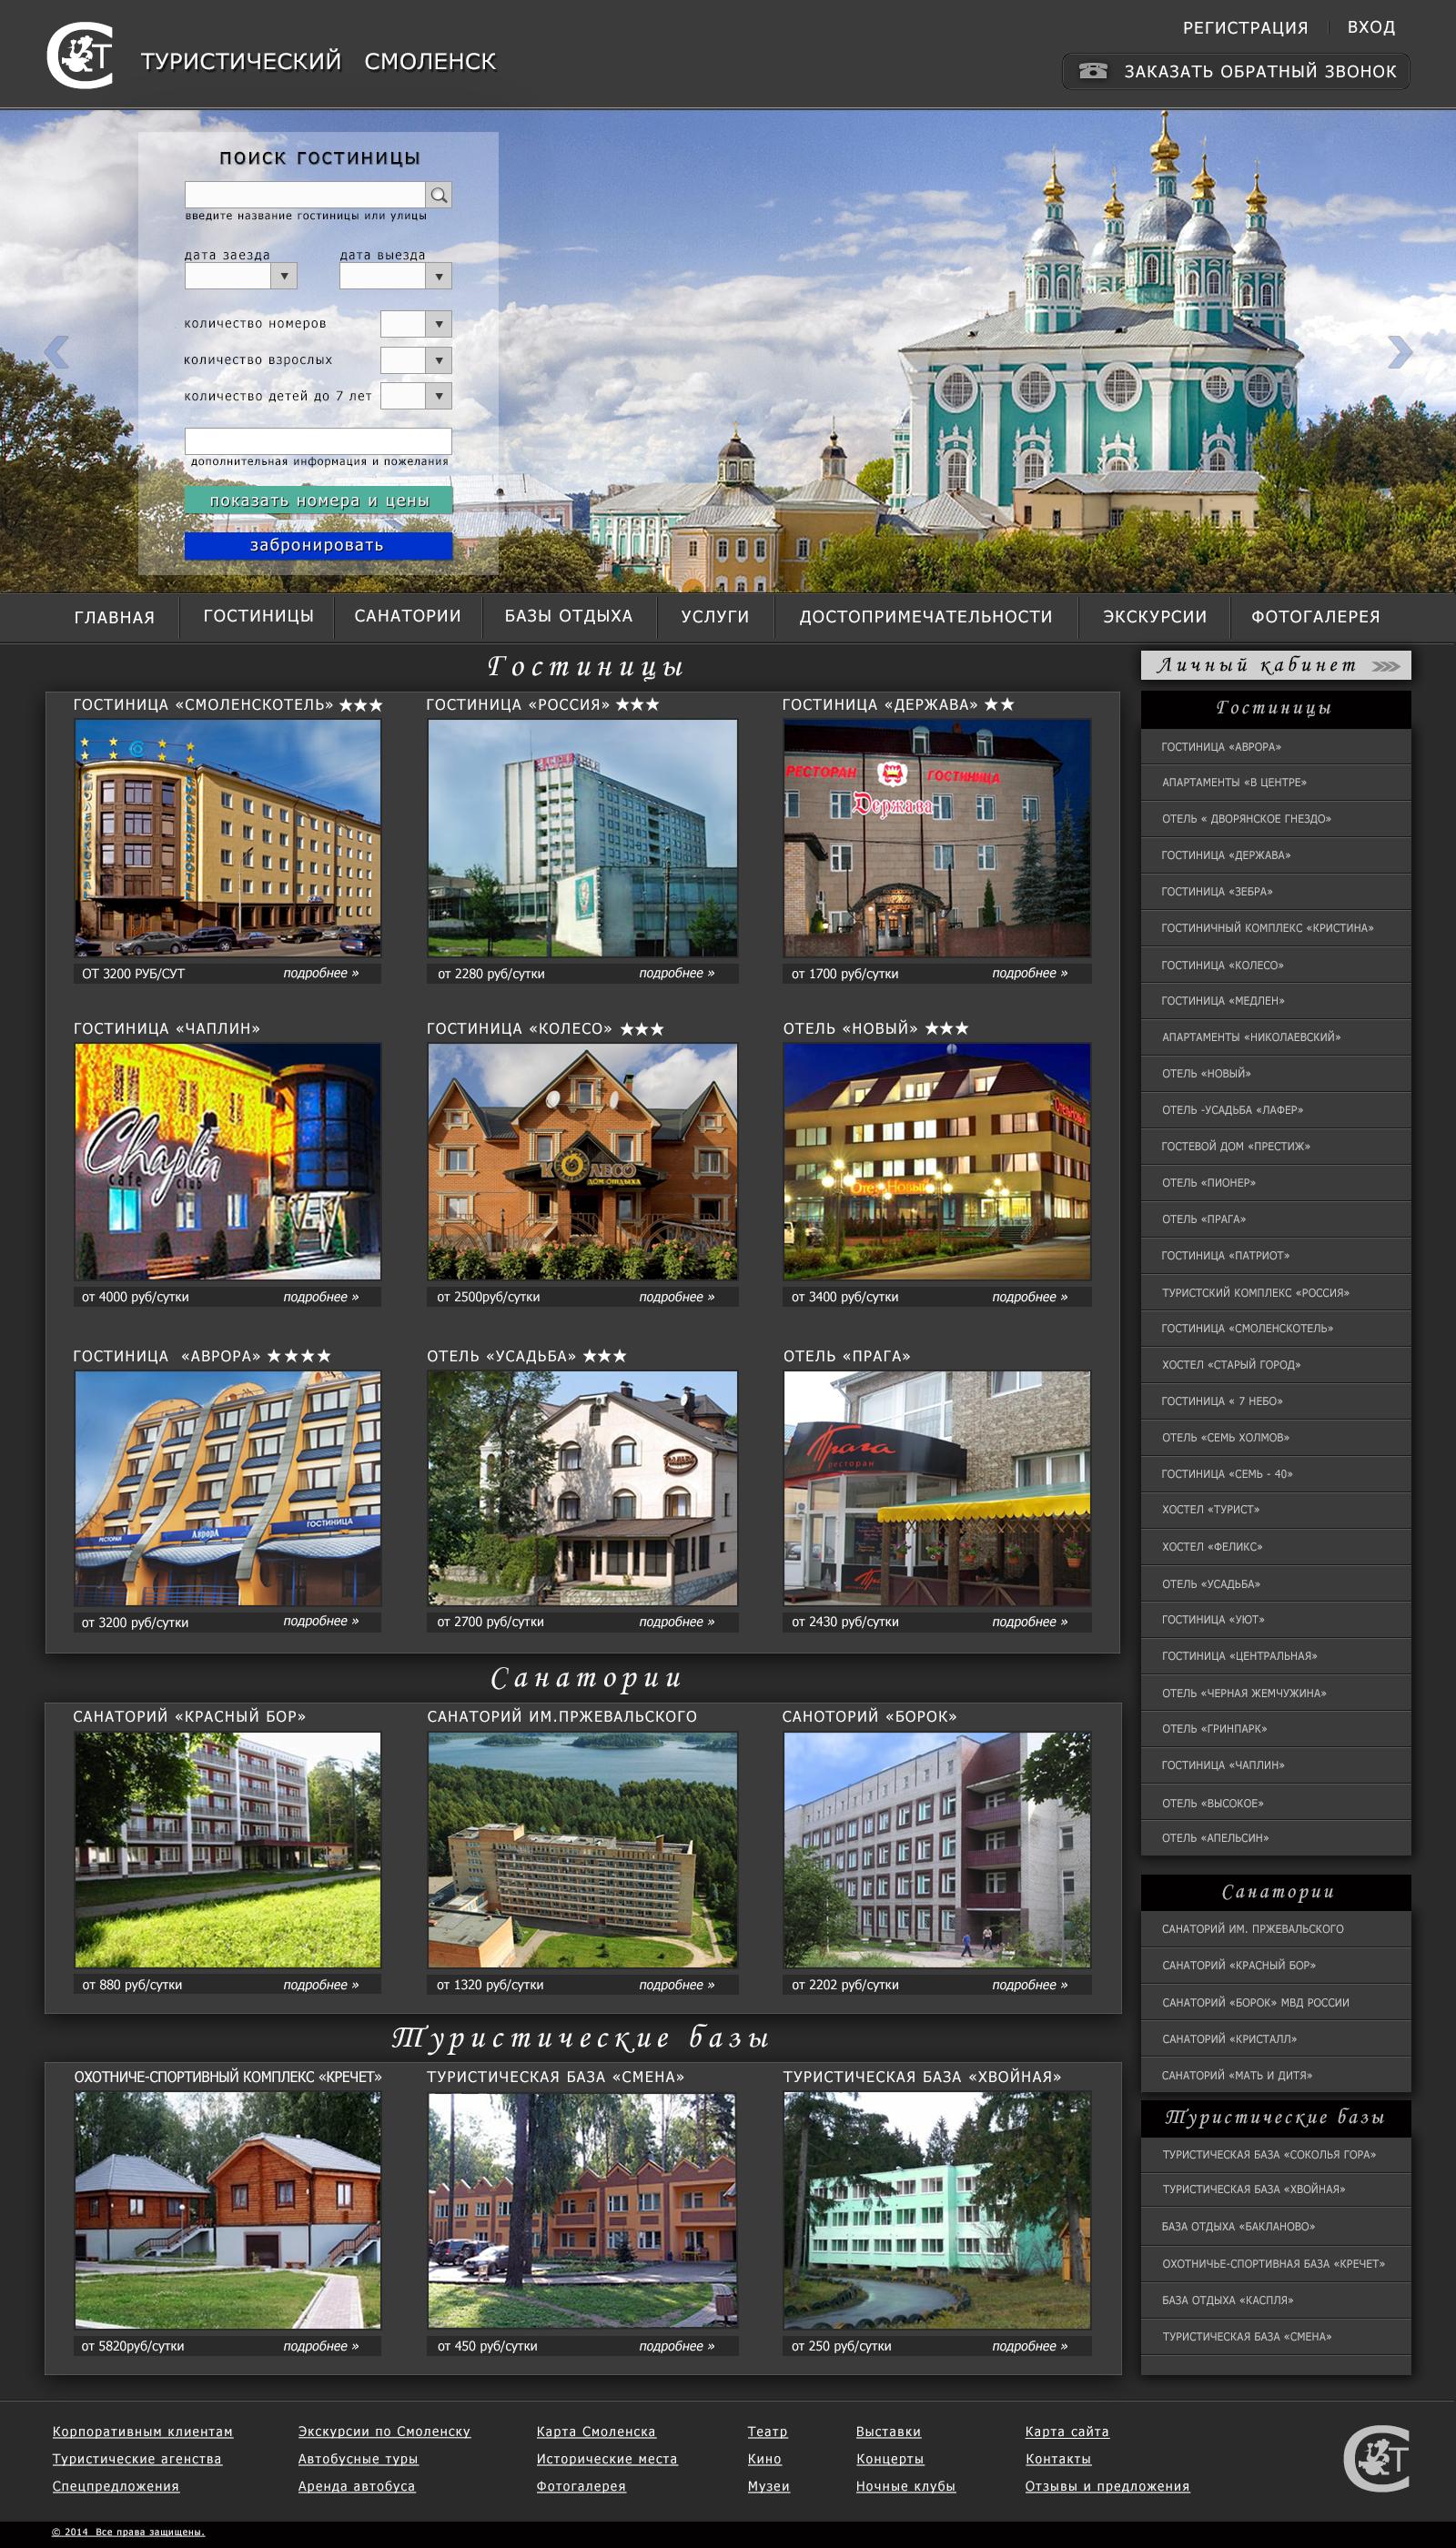 Дизайн сайта. Туристический Смоленск